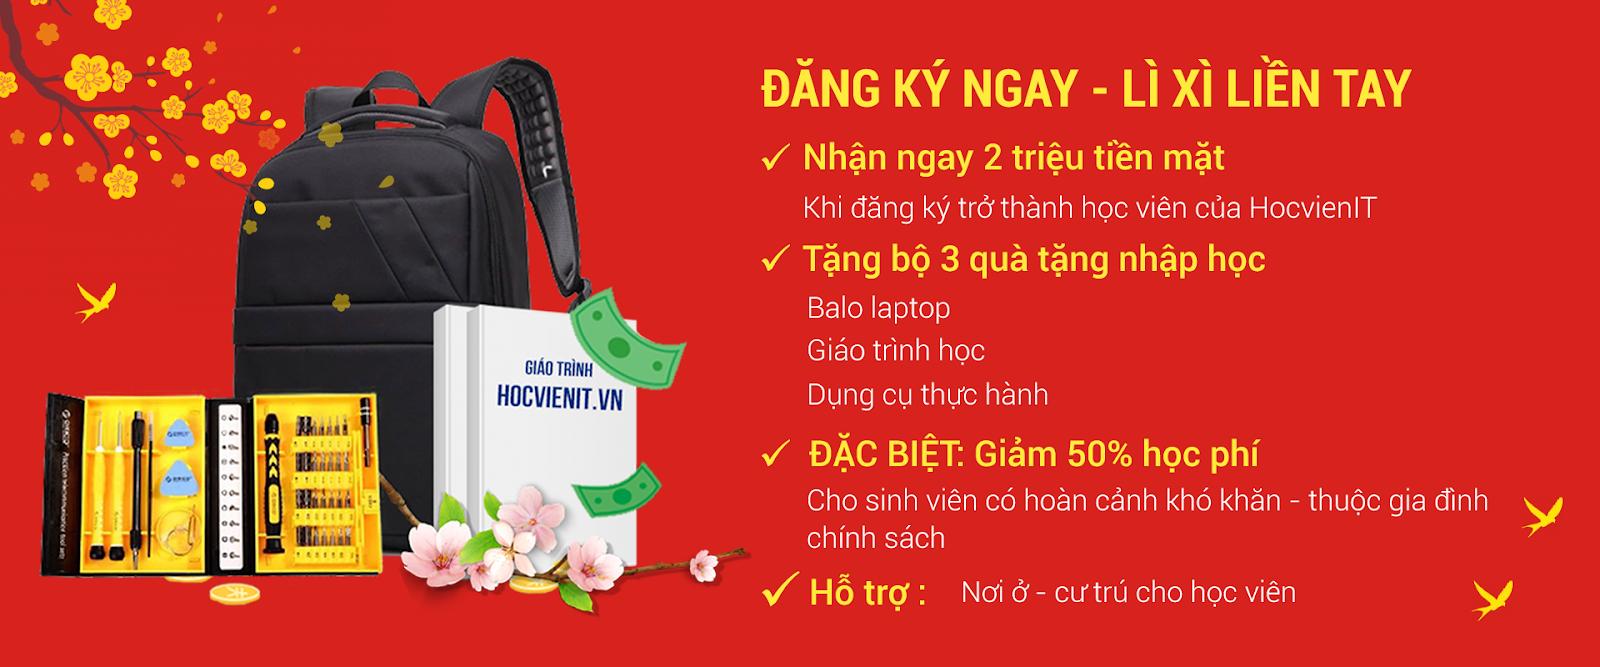 hoc-lap-rap-va-sua-chua-may-tinh-3